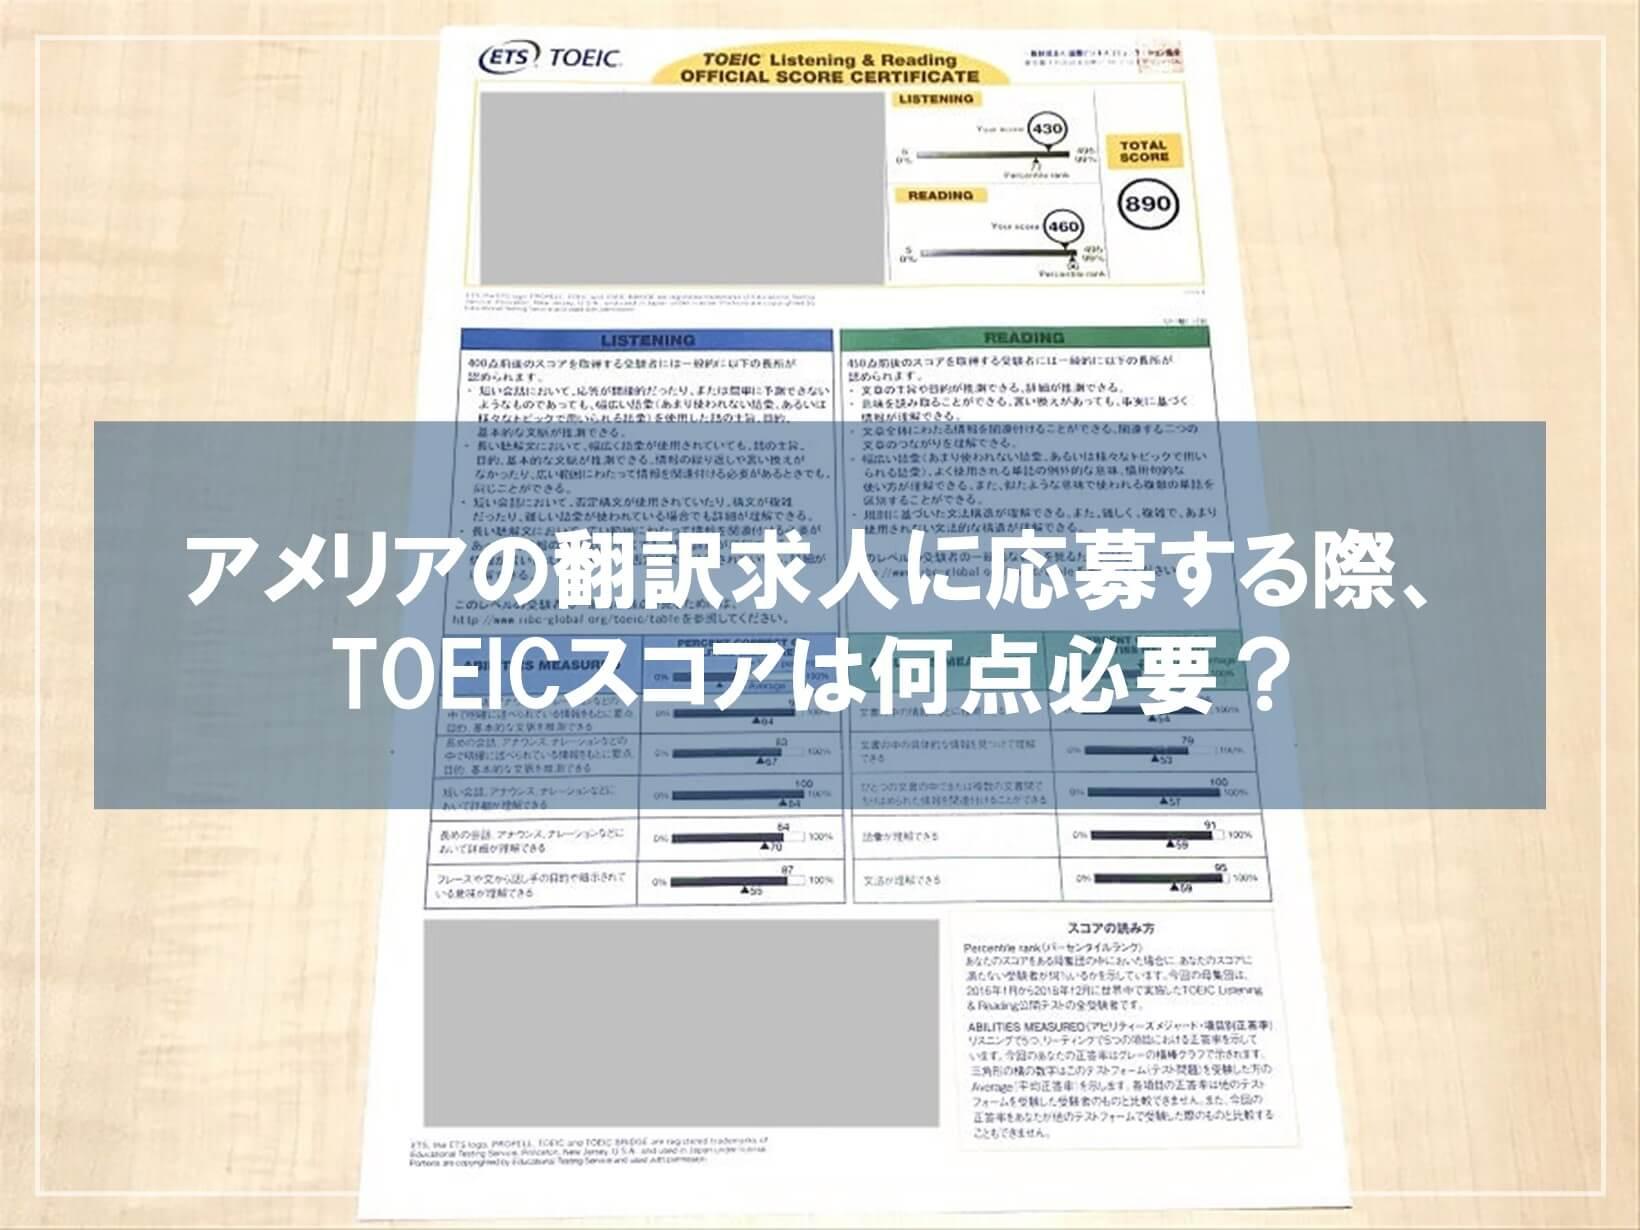 アメリアの翻訳求人に応募する際、TOEICスコアは何点必要?